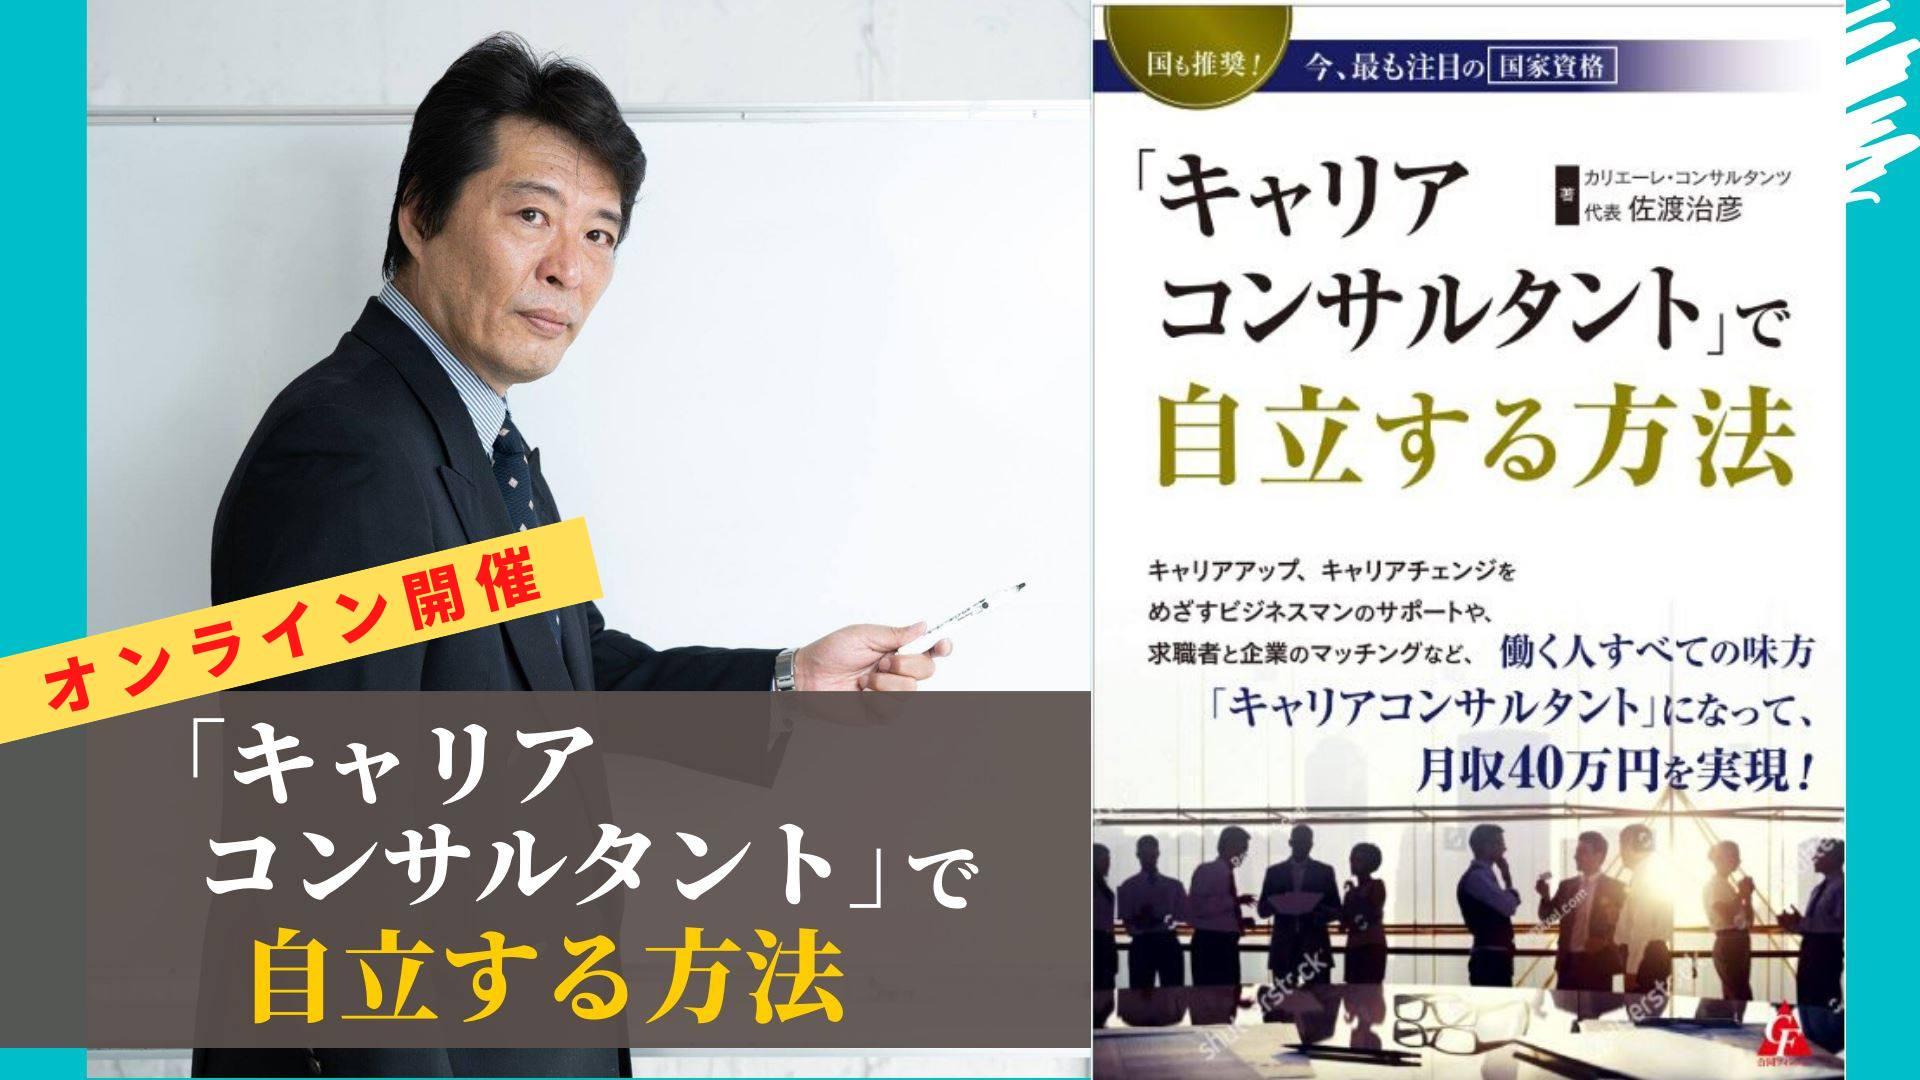 5/25 ★オンライン開催★「キャリアコンサルタント」で自立する方法